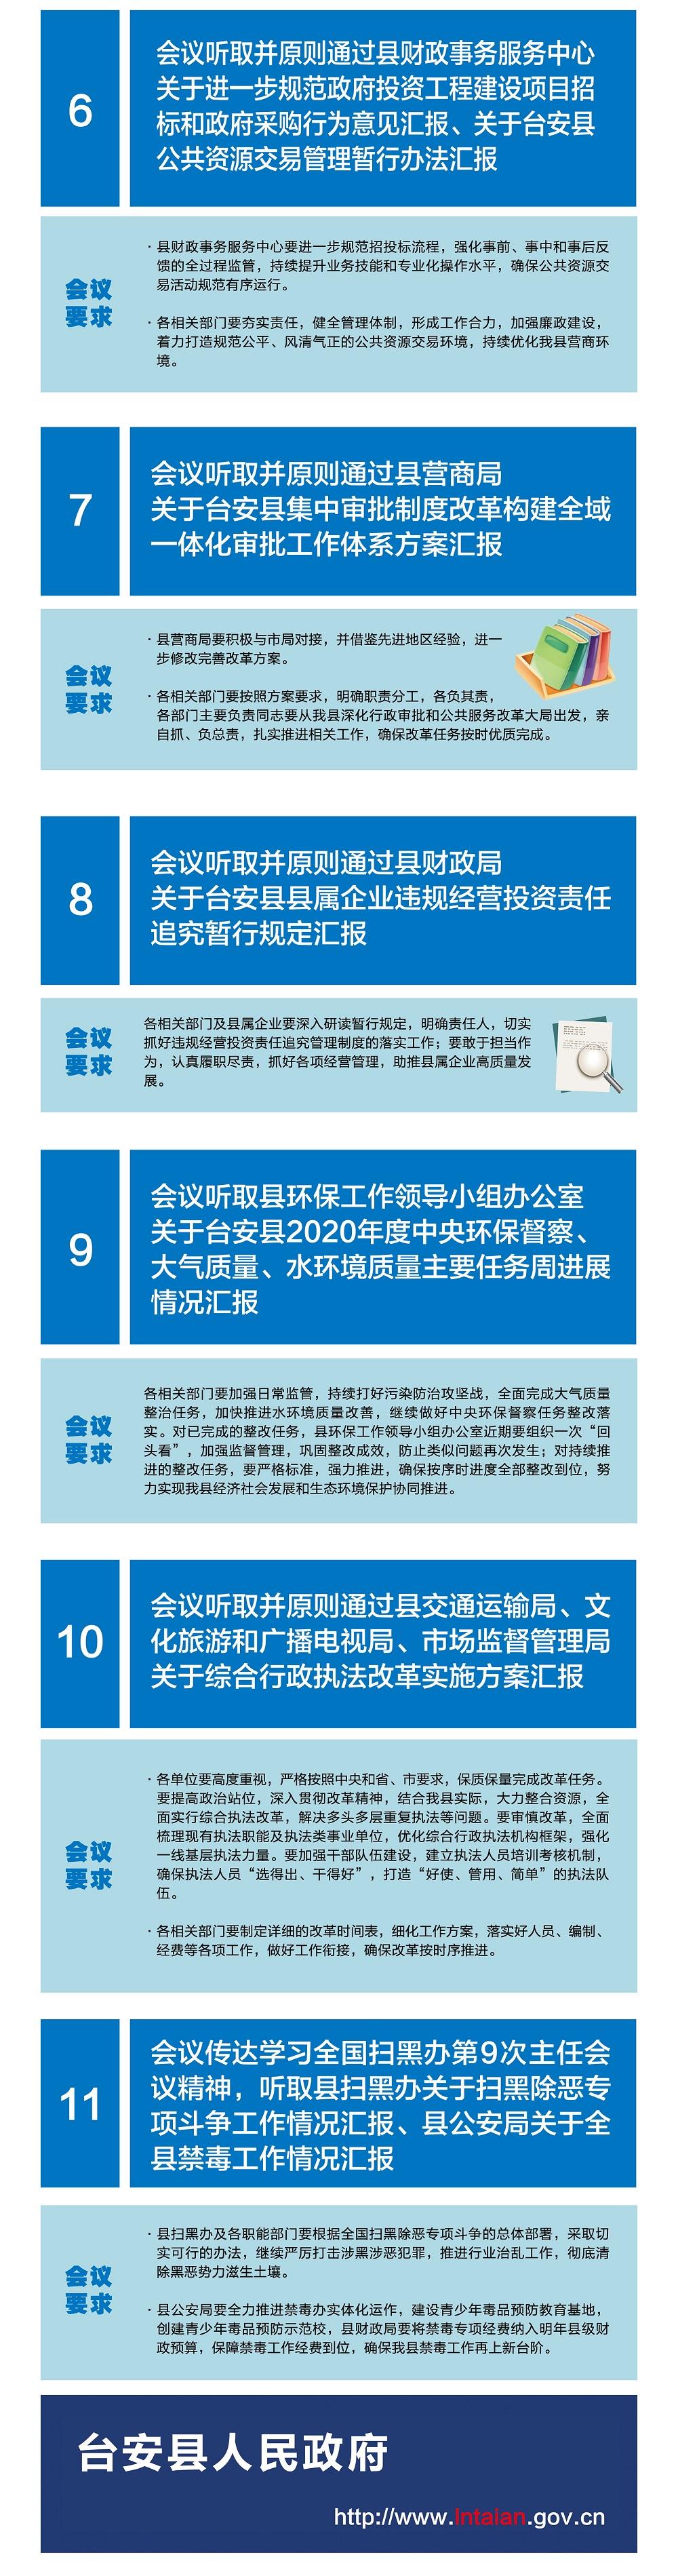 33次常务会议 2_看图王.jpg